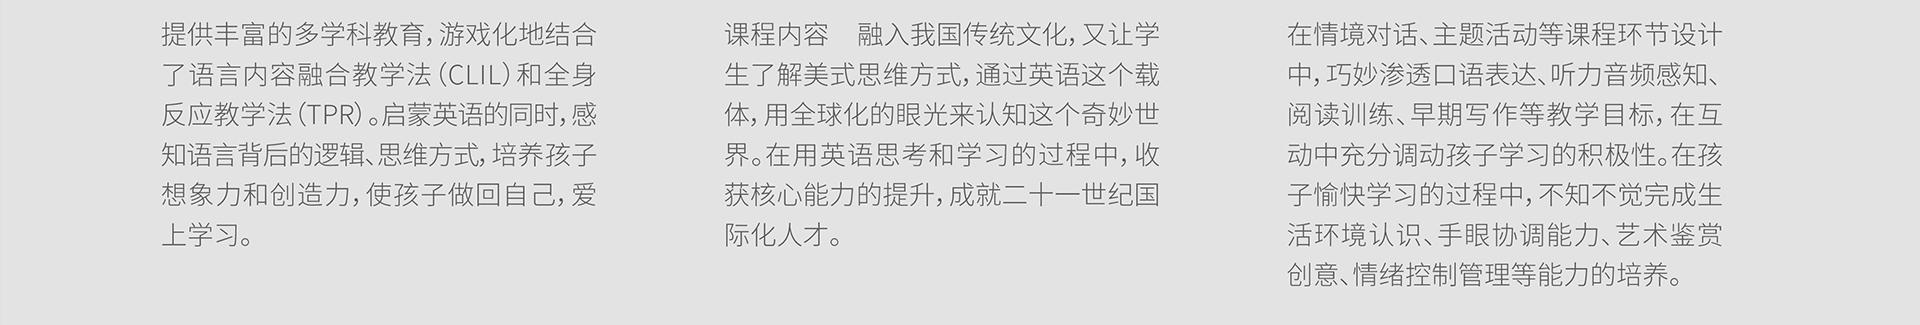 青鸟园丁学习馆qnyd_08